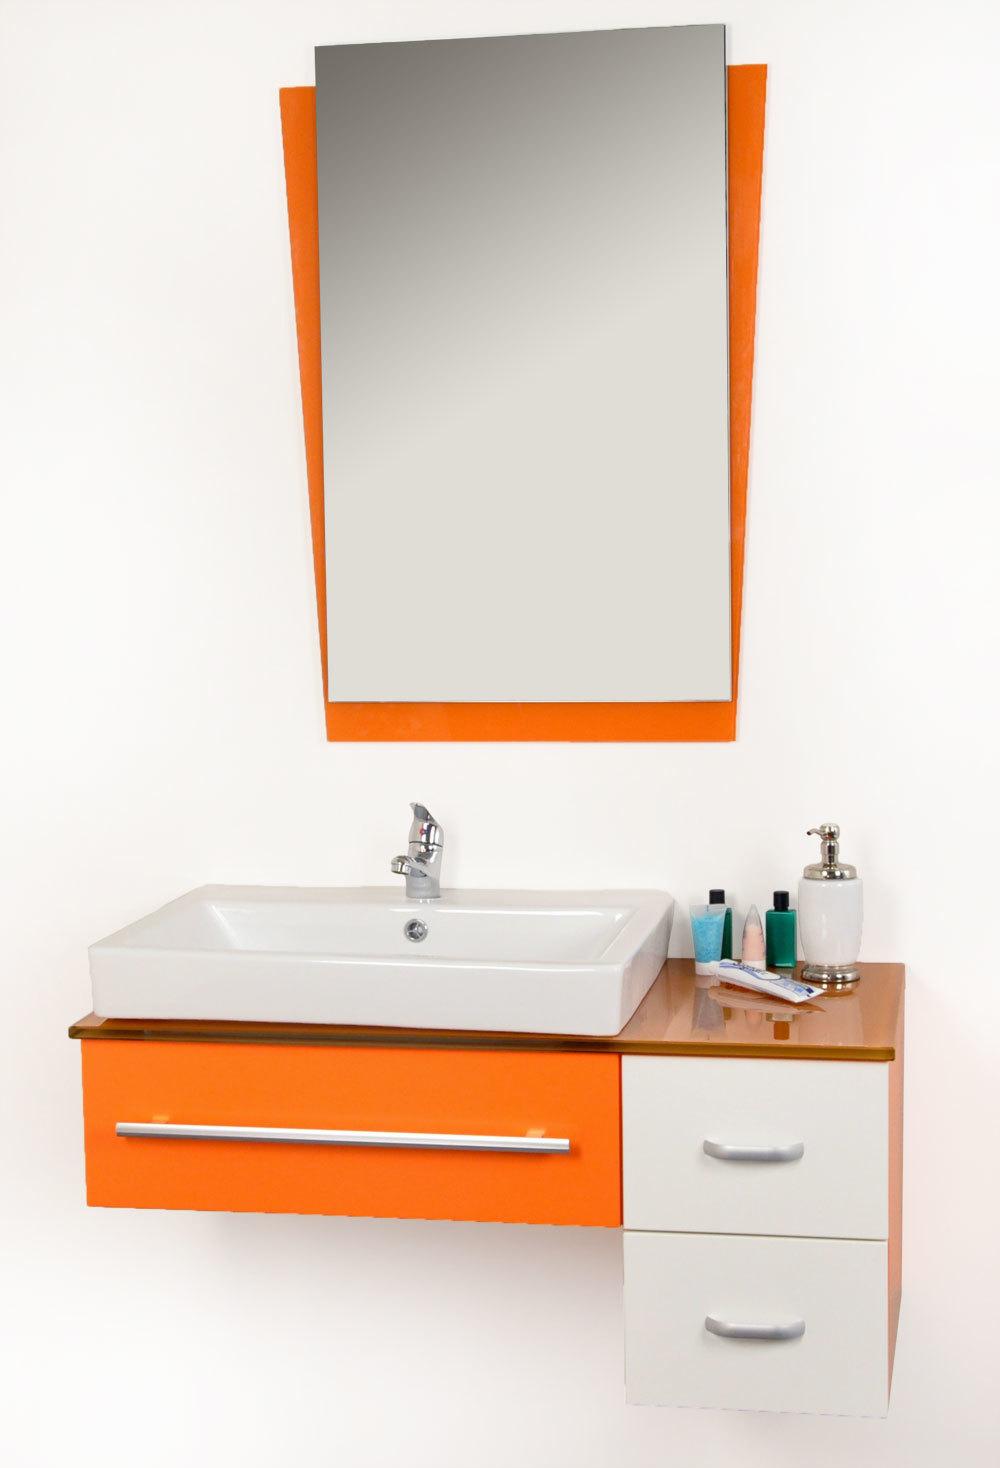 Meuble Salle De Bain Orange - Maison Design - Nazpo.com